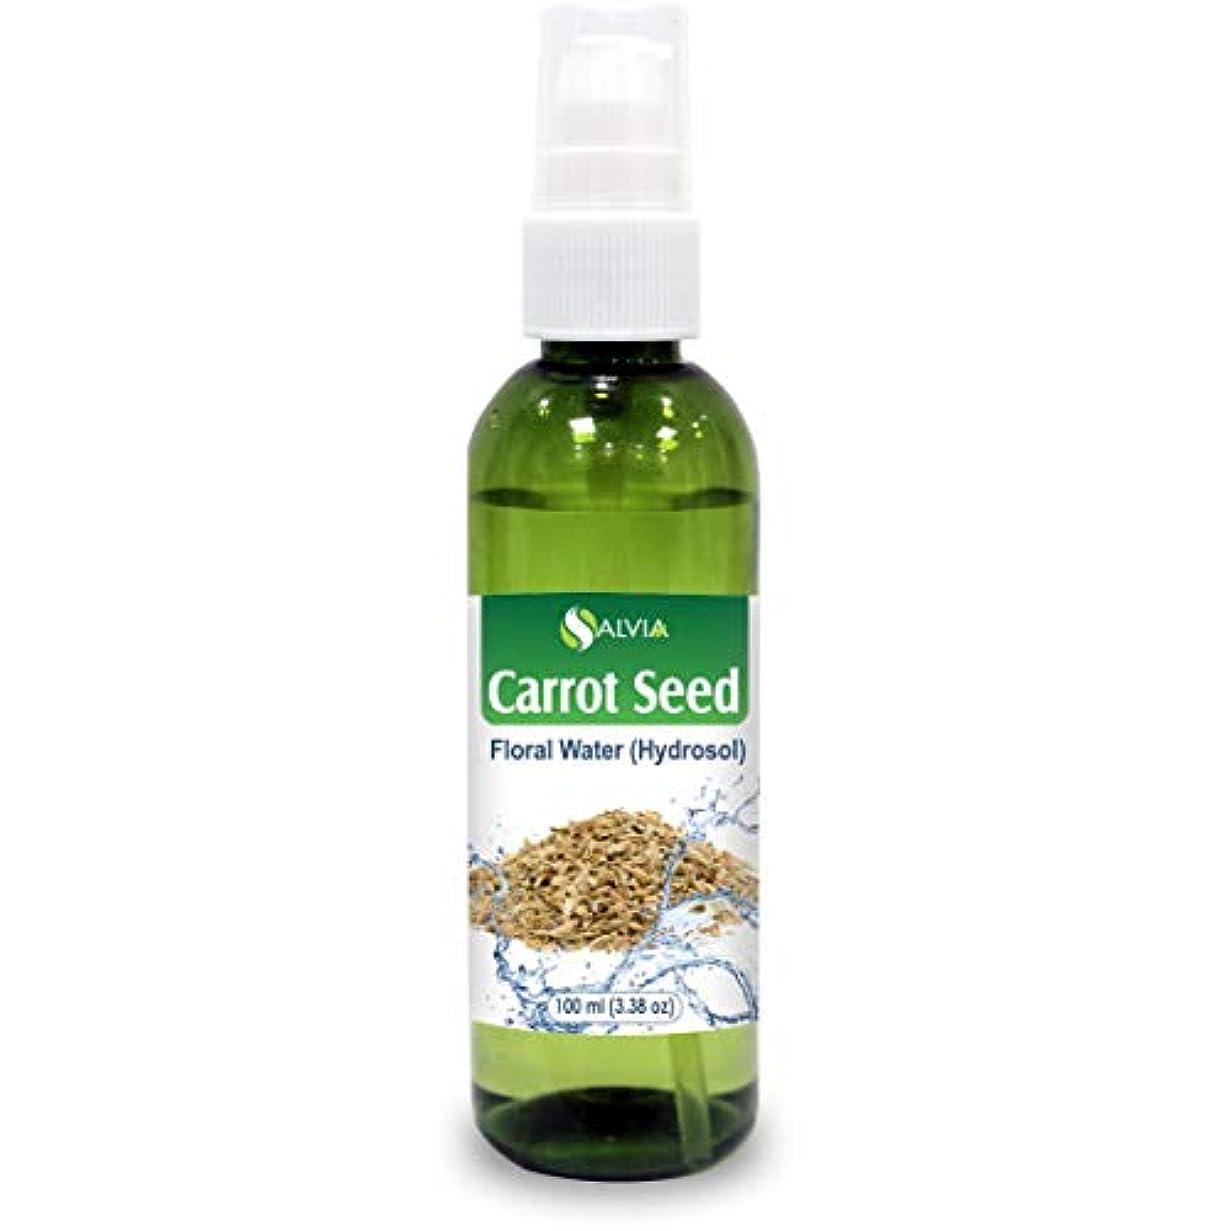 ノーブル偽善者走るCarrot Seed Floral Water Floral Water 100ml (Hydrosol) 100% Pure And Natural